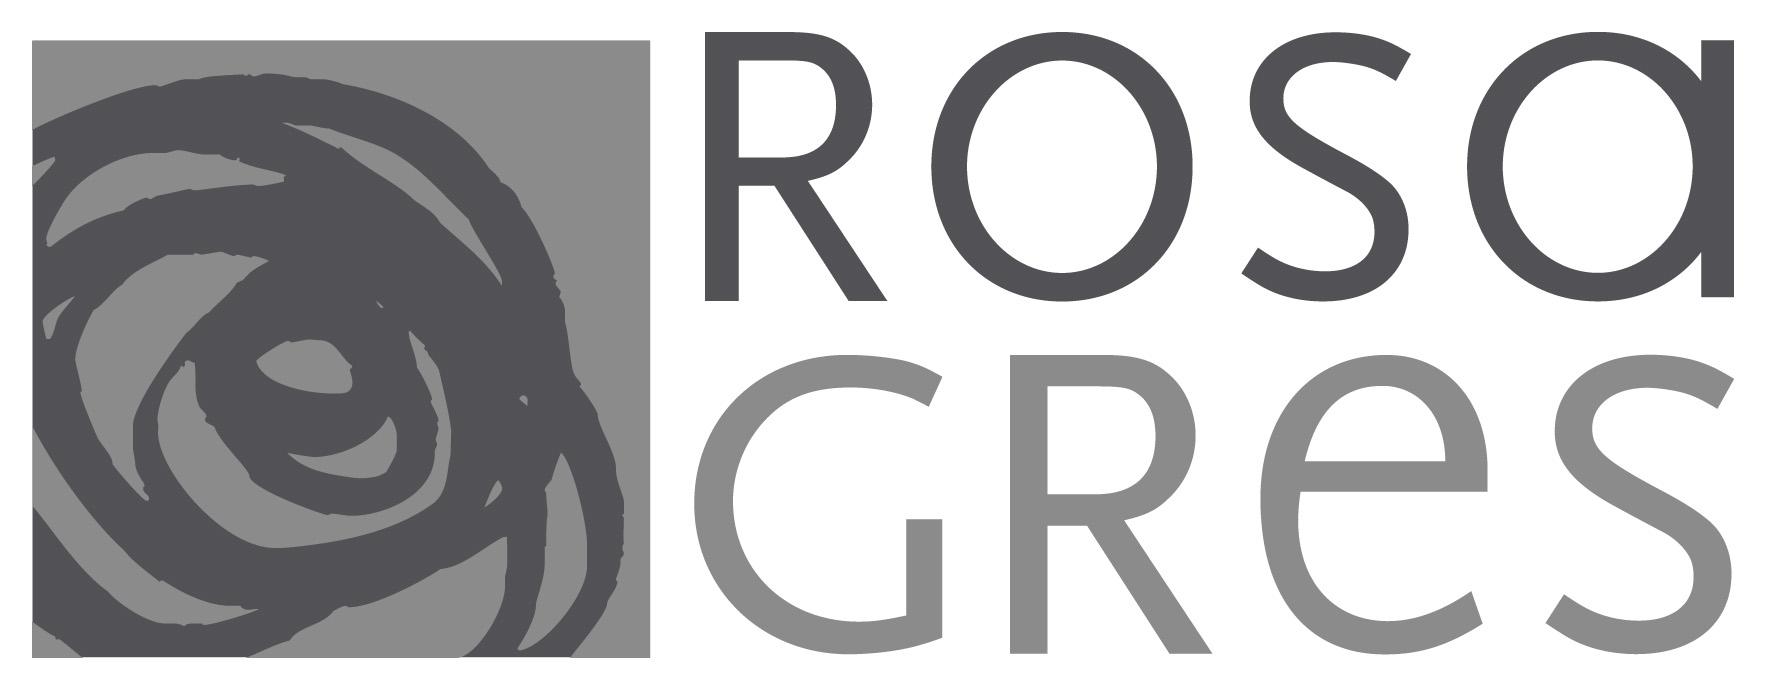 OBJET BIM ROSA GRES Piscine Système S9 Prestige : téléchargement ...